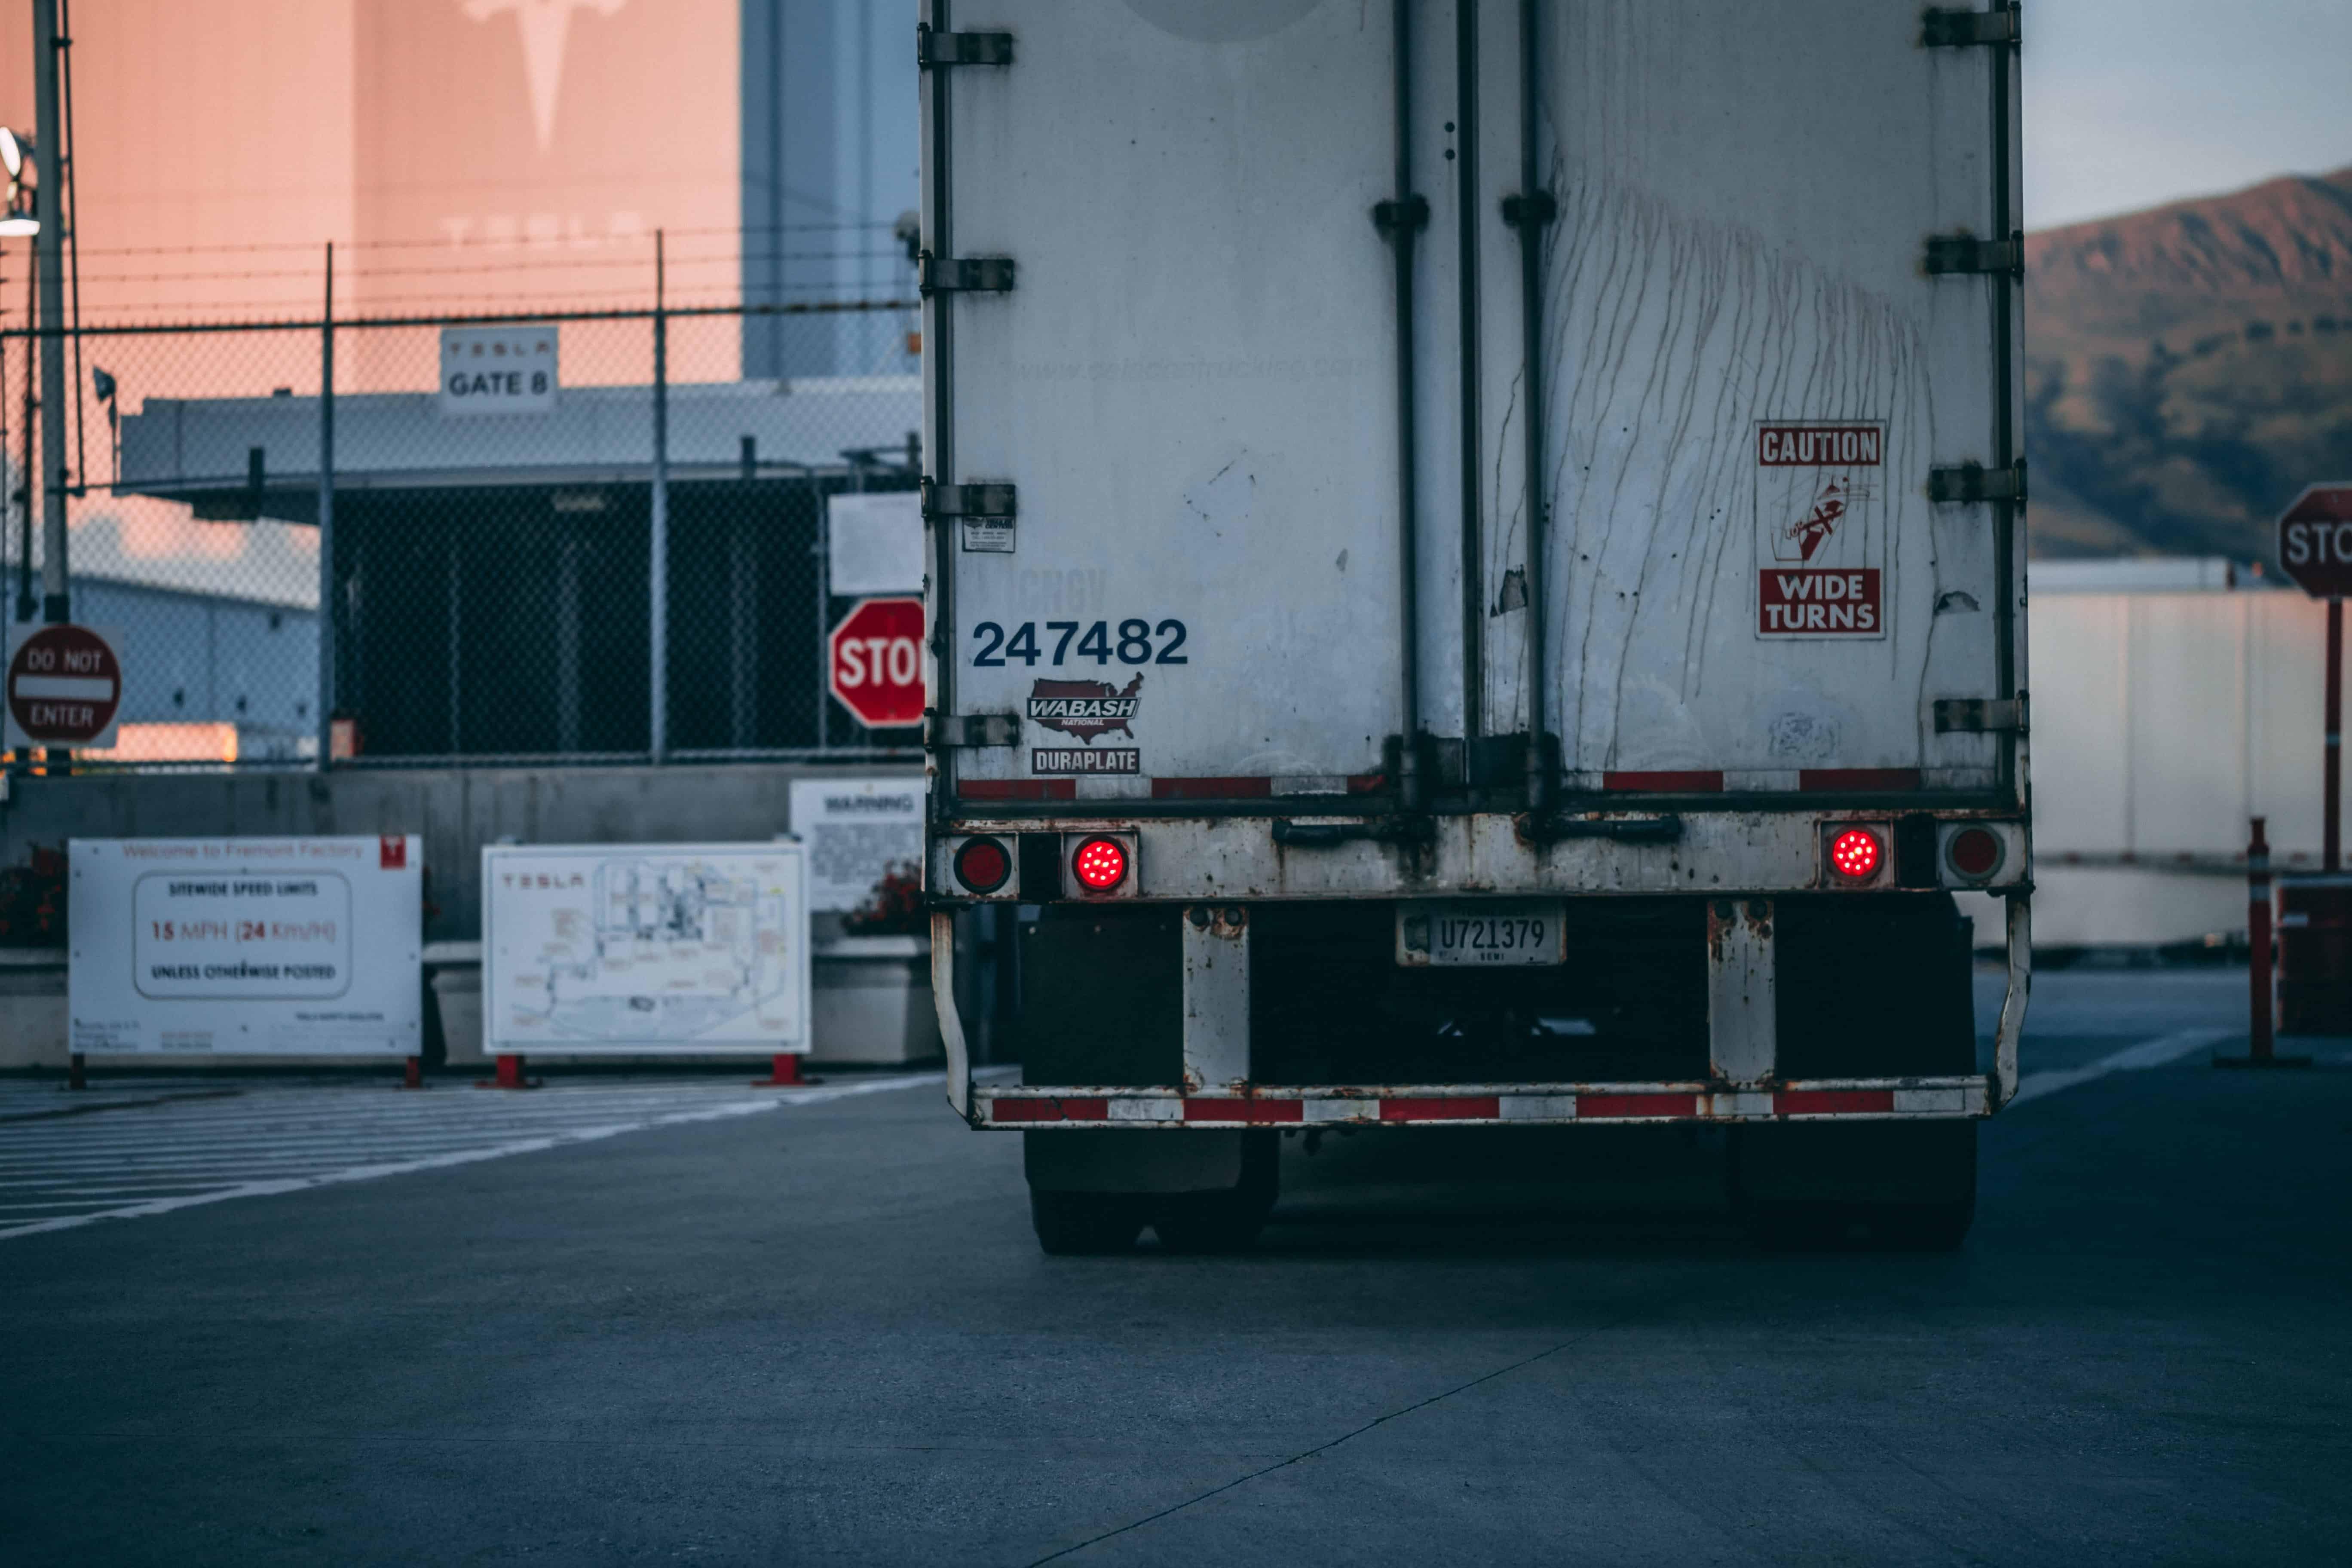 Drayage truck